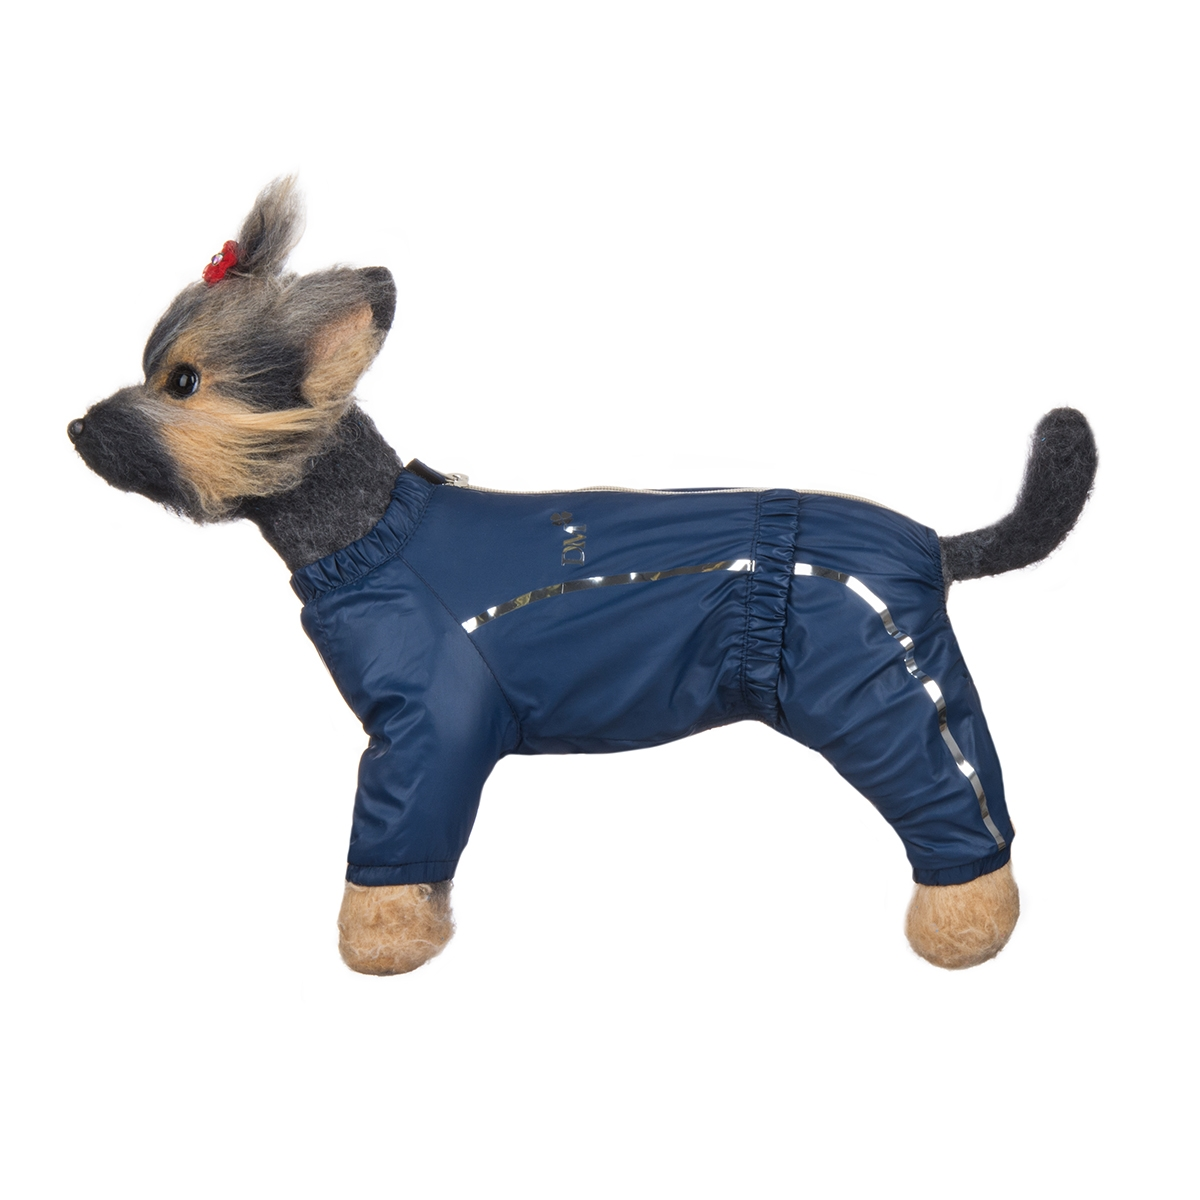 Комбинезон для собак Dogmoda Альпы, для мальчика, цвет: синий. Размер 4 (XL). DM-1601030120710Комбинезон для собак Dogmoda Альпы отлично подойдет для прогулок поздней осенью или ранней весной.Комбинезон изготовлен из полиэстера, защищающего от ветра и осадков, с подкладкой из вискозы и полиэстера, которая сохранит тепло и обеспечит отличный воздухообмен.Комбинезон застегивается на молнию и липучку, благодаря чему его легко надевать и снимать. Ворот, низ рукавов и брючин оснащены внутренними резинками, которые мягко обхватывают шею и лапки, не позволяя просачиваться холодному воздуху. На пояснице имеется внутренняя резинка. Изделие декорировано золотистыми полосками и надписью DM.Благодаря такому комбинезону простуда не грозит вашему питомцу и он не даст любимцу продрогнуть на прогулке.Длина по спинке: 32 см.Объем груди: 52 см.Обхват шеи: 33 см.